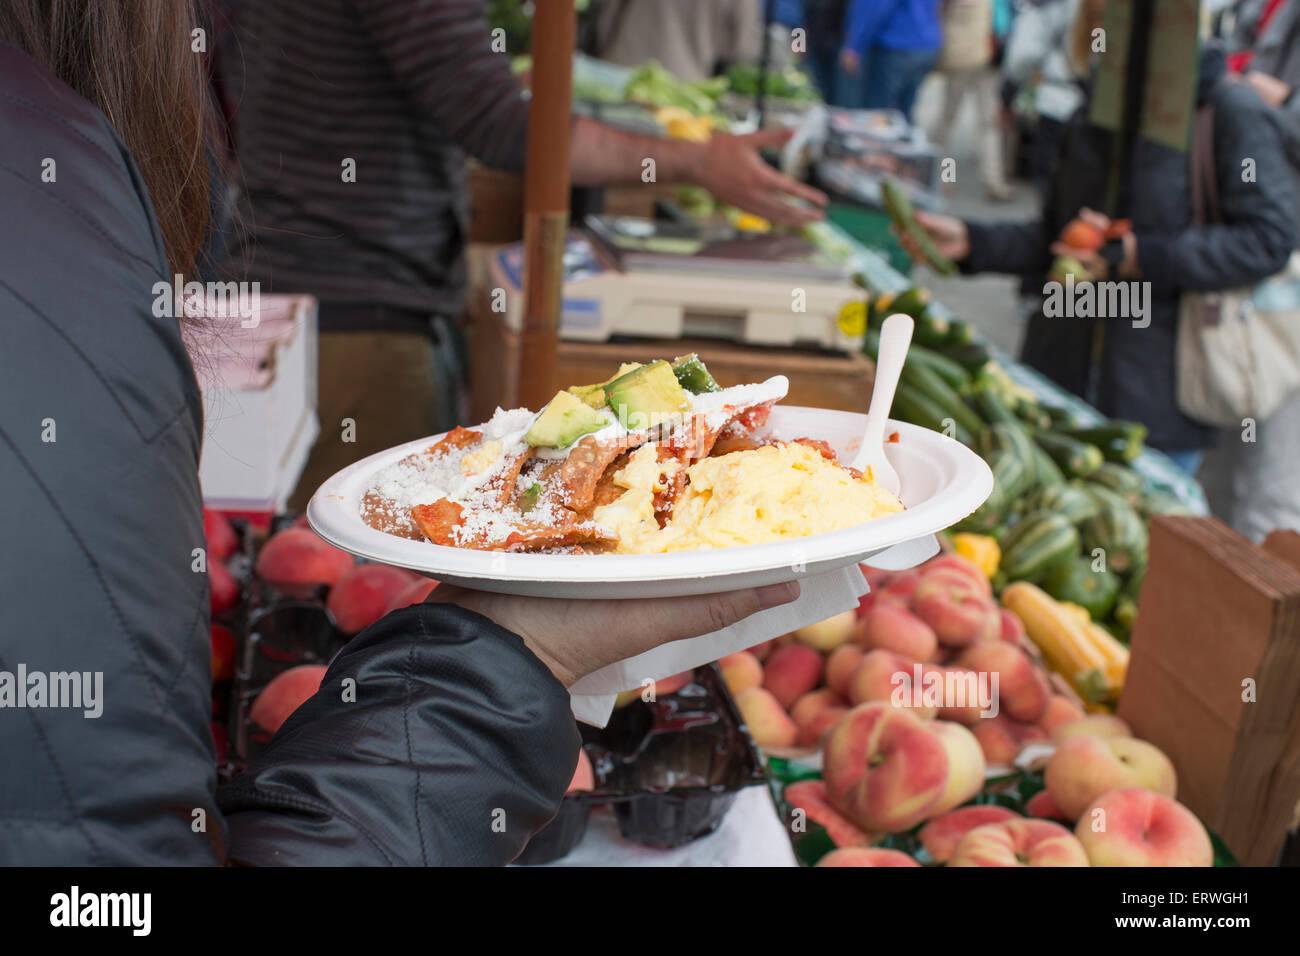 Persona con desayuno plato de huevos revueltos con queso y aguacate en Ferry Building Farmer's Market, San Francisco, Imagen De Stock